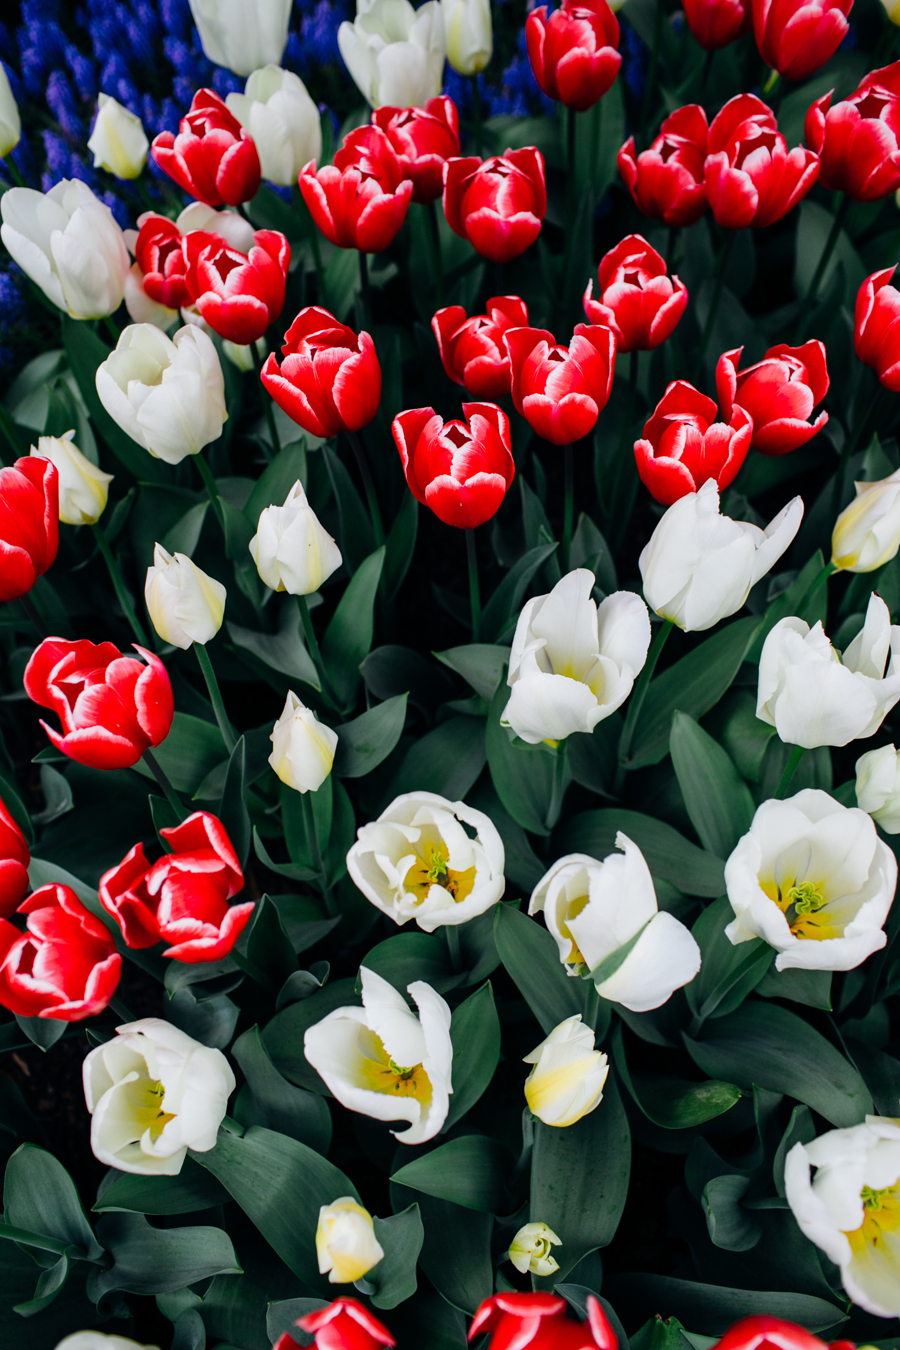 012-bellingham-skagit-photographer-photo-tulip-festival-katheryn-moran.jpg